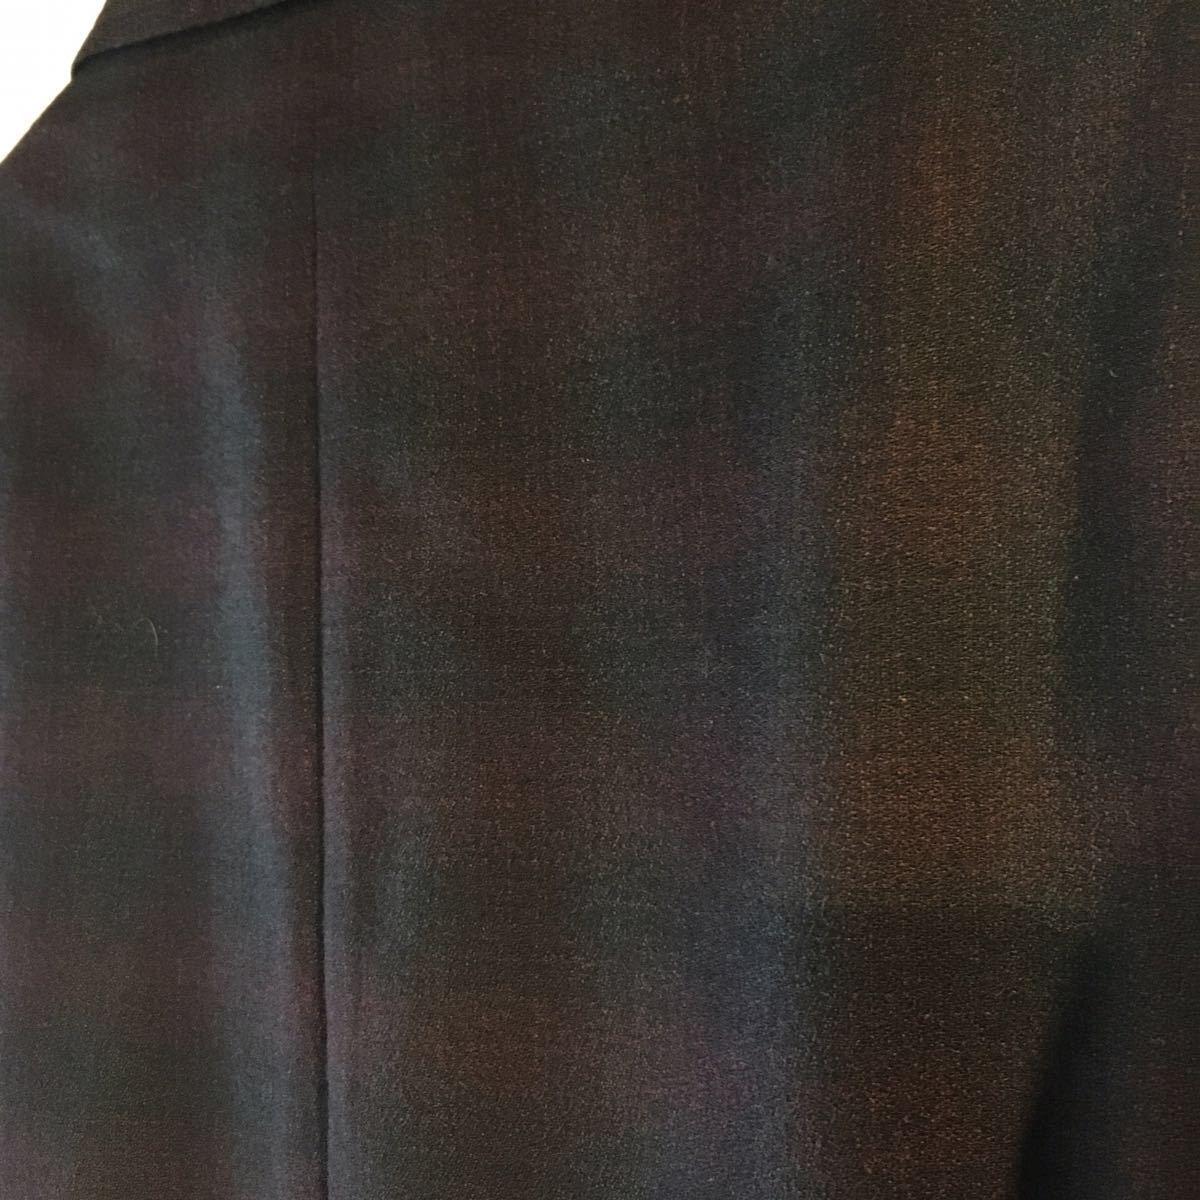 1960's オンブレ ビンテージ テーラードジャケット HAMPTON HEATH シャドーチェック モッズ アイビー UK 黒 ブラック 50s 70s_画像8